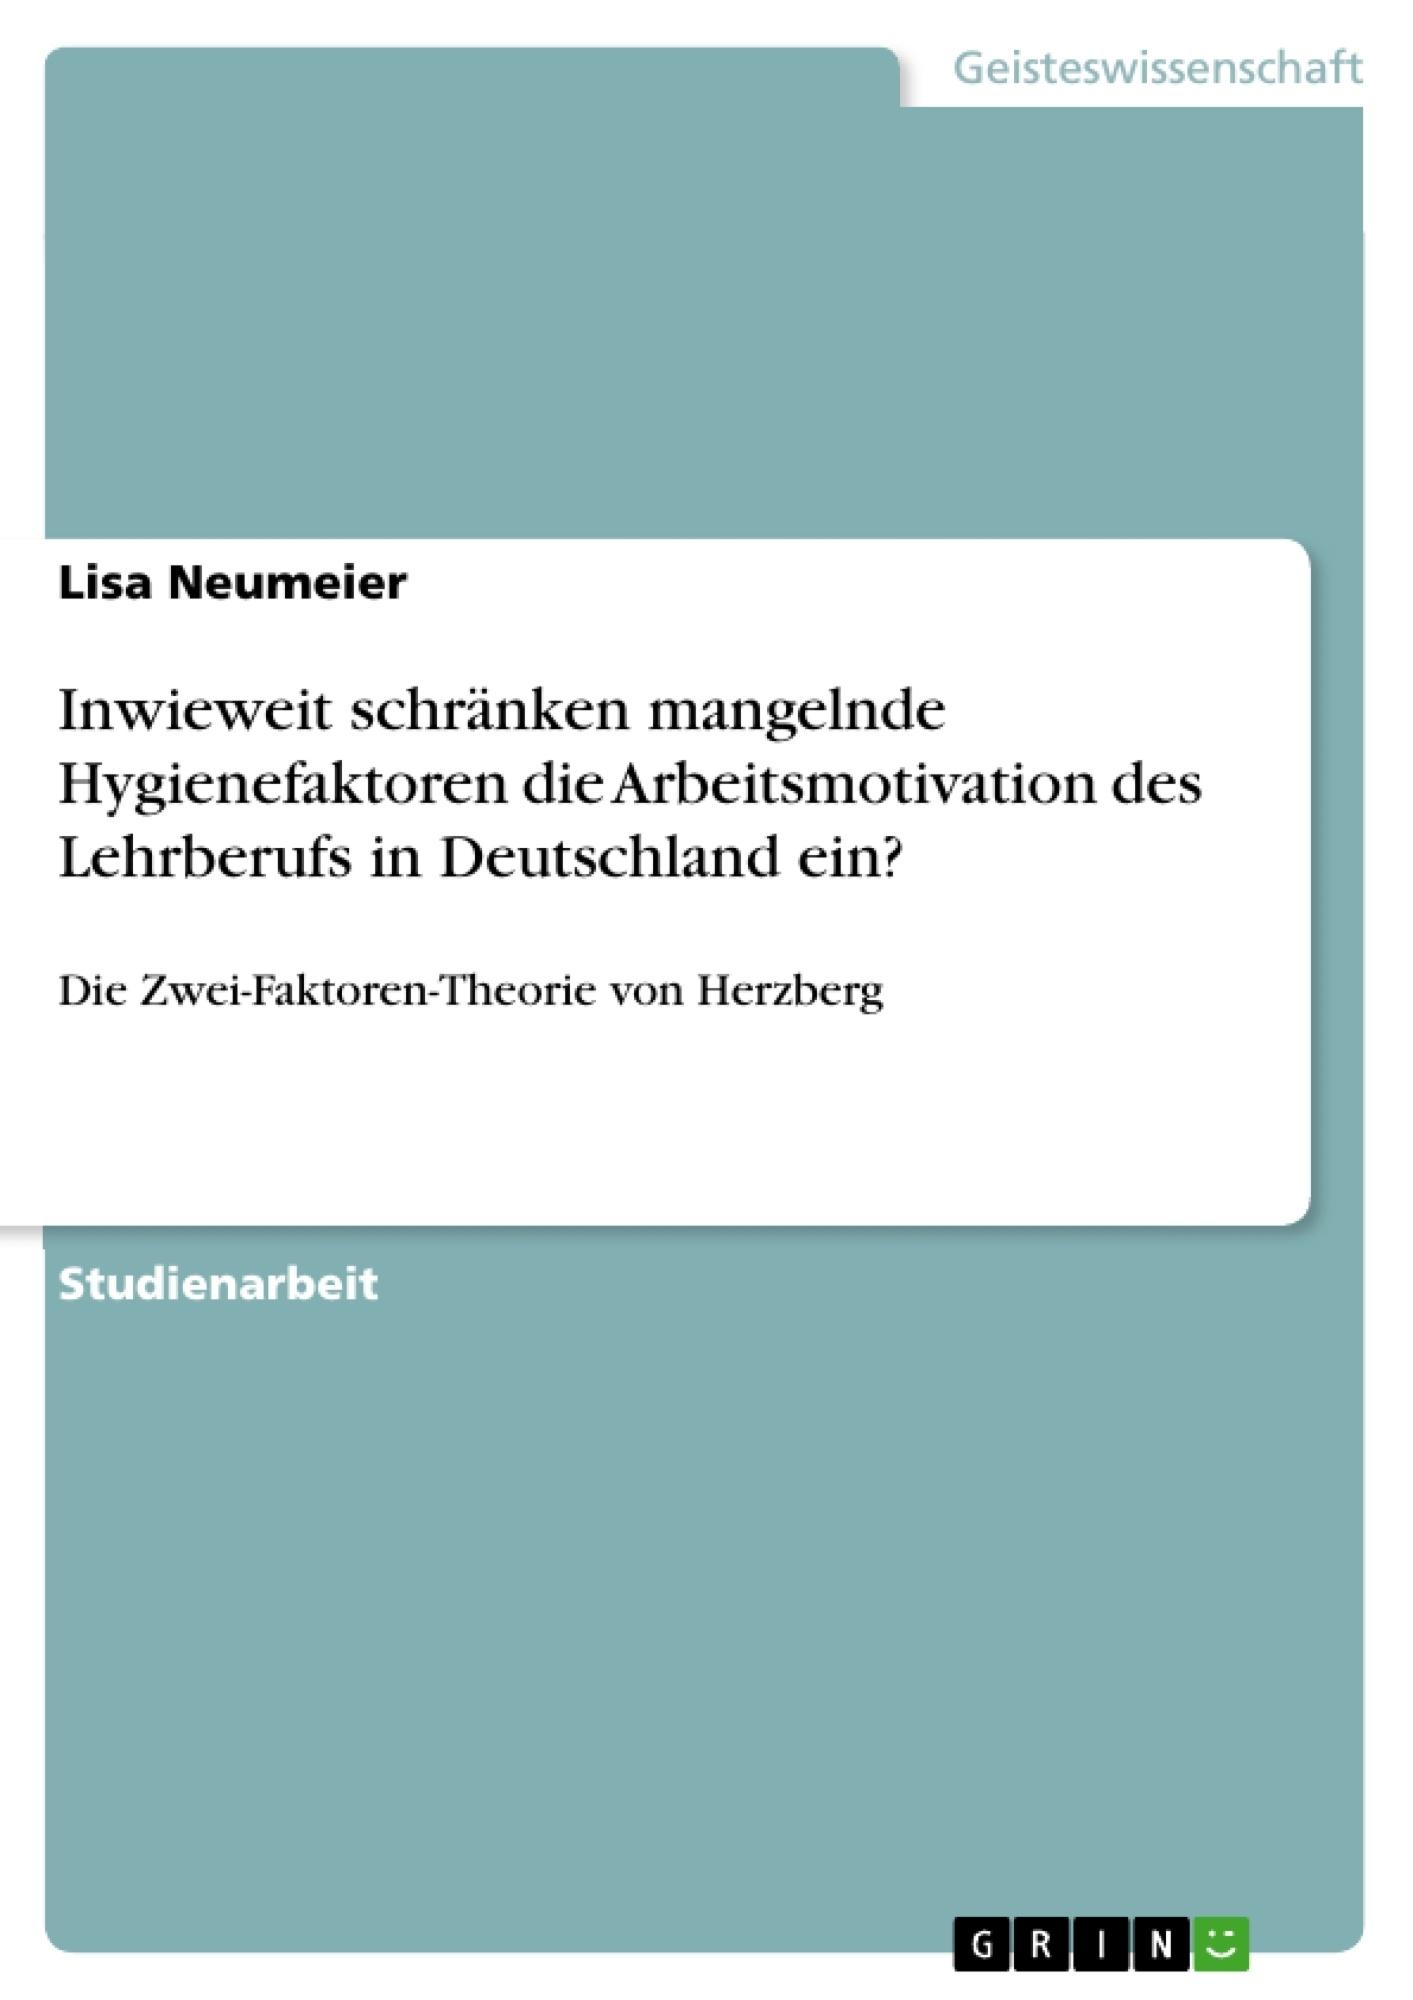 Titel: Inwieweit schränken mangelnde Hygienefaktoren die Arbeitsmotivation des Lehrberufs in Deutschland ein?